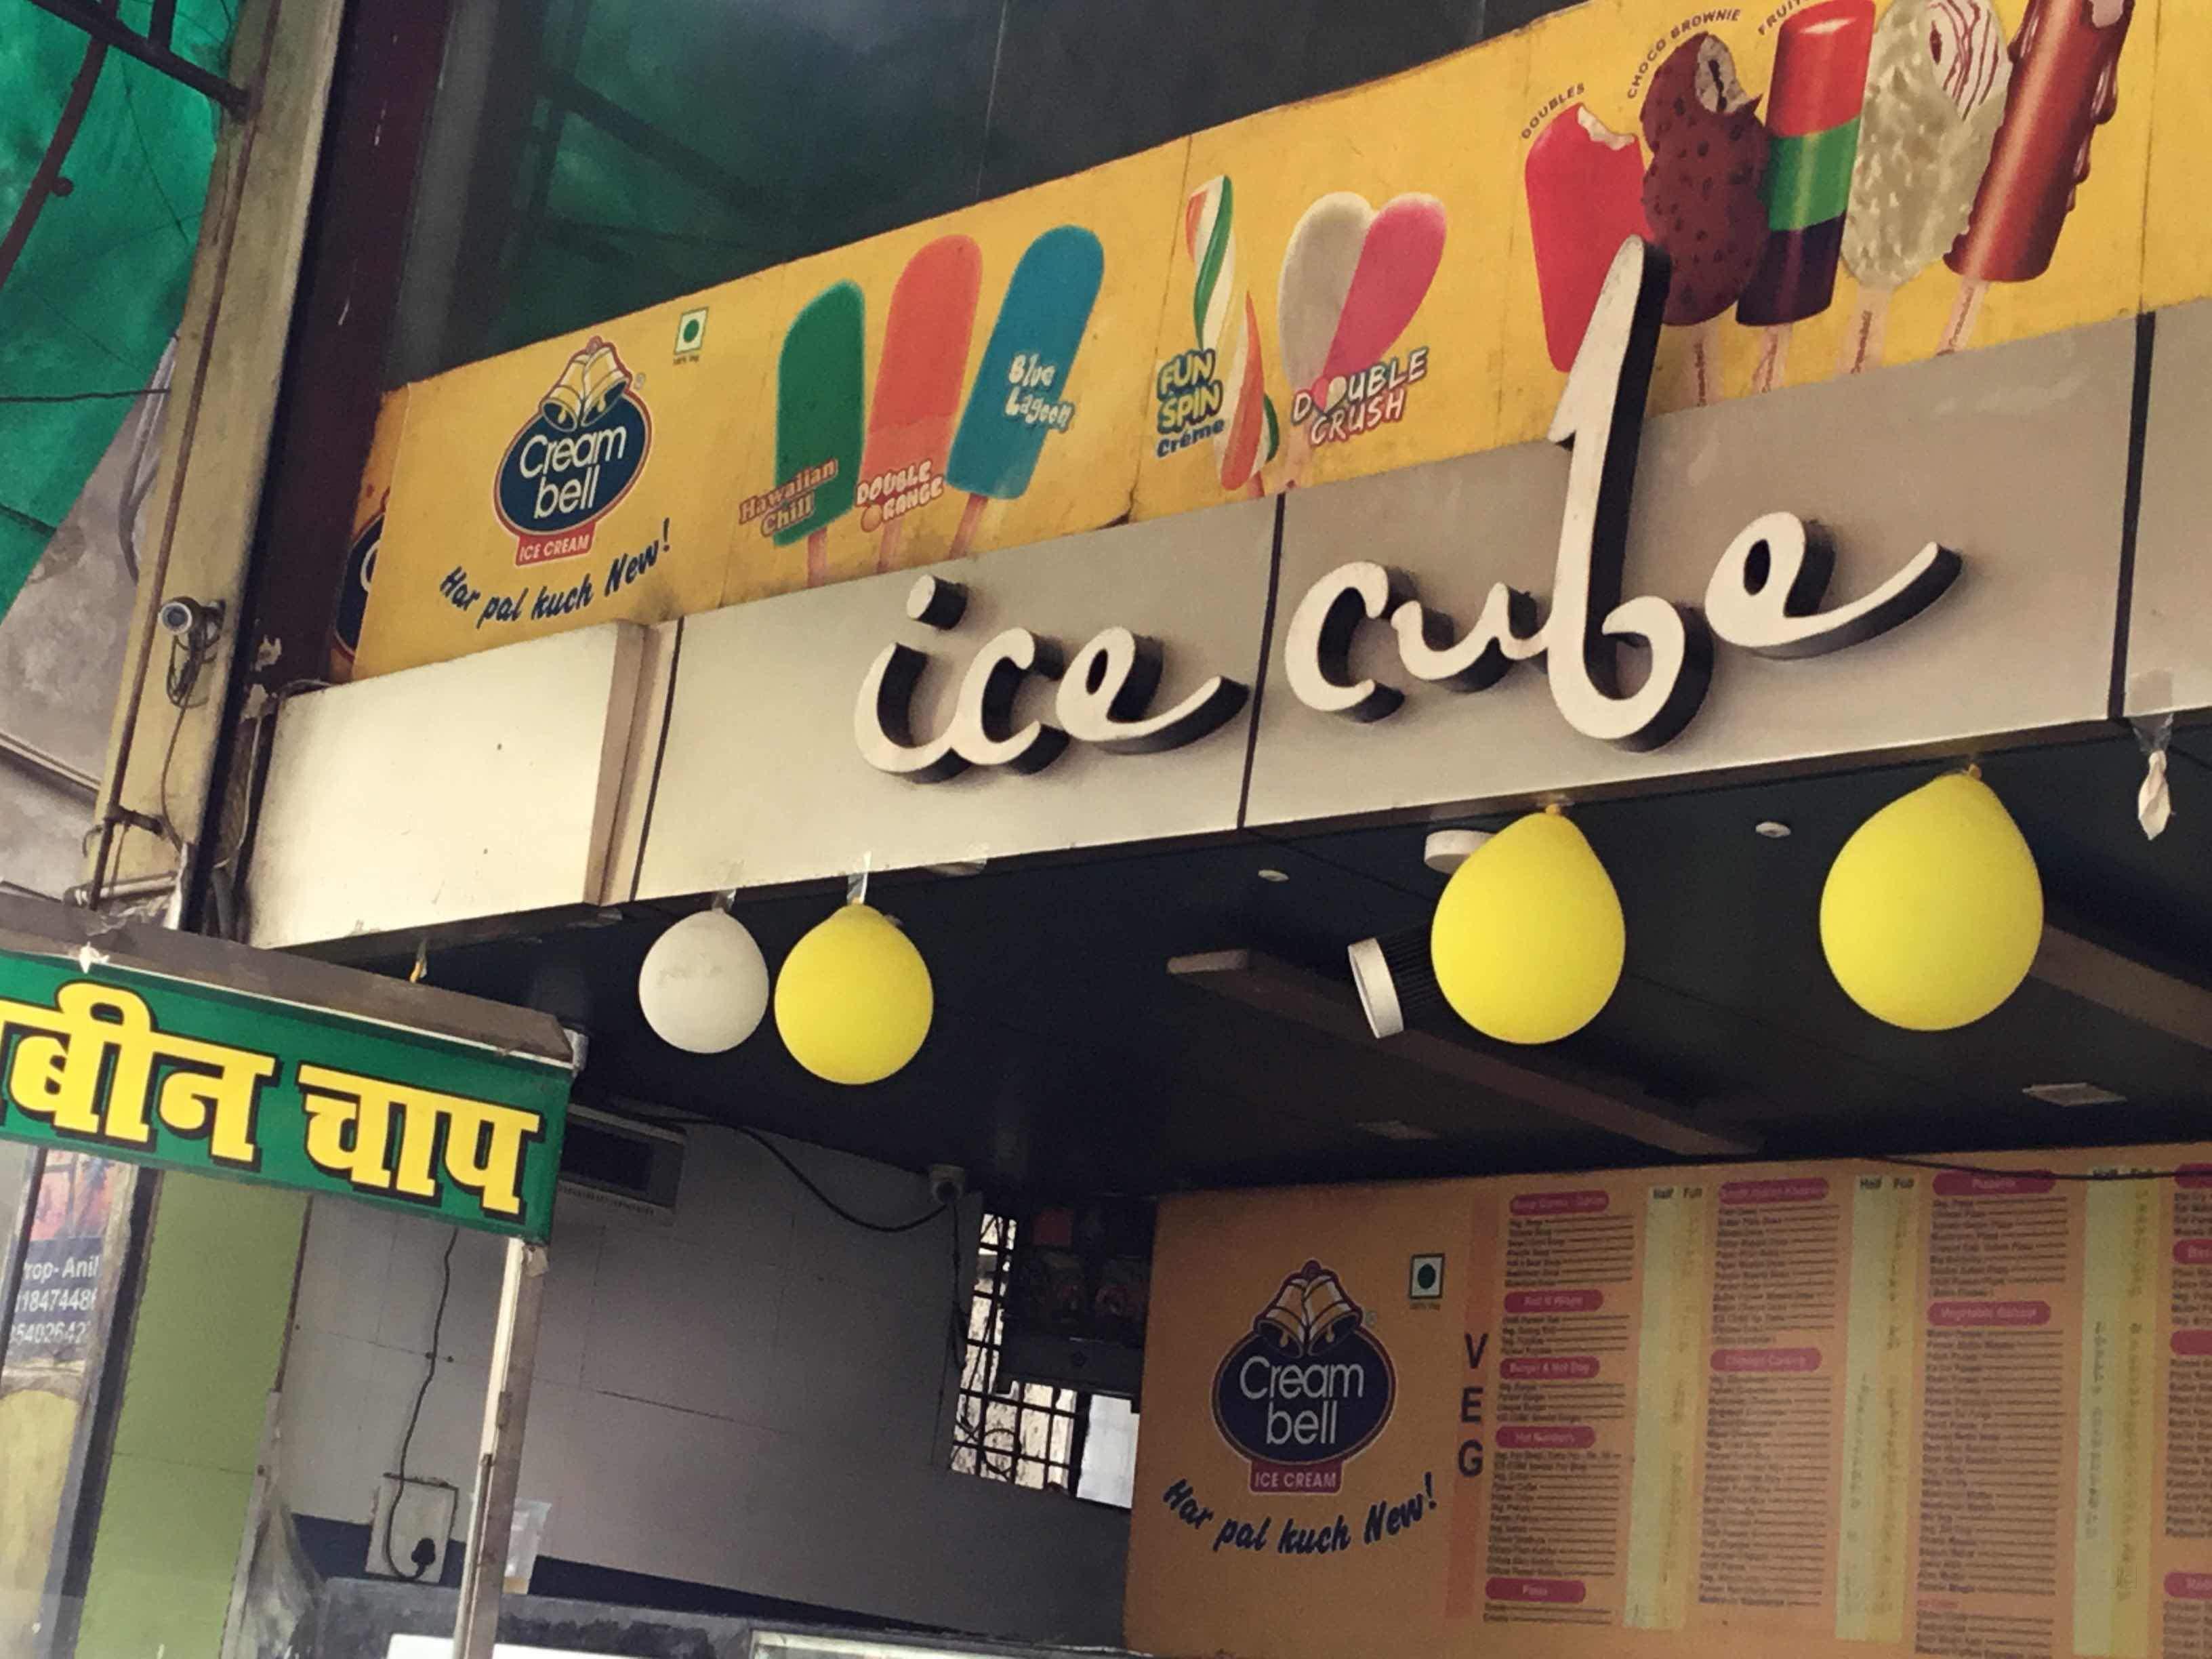 Ice Cube - Lal Bangla - Kanpur Image